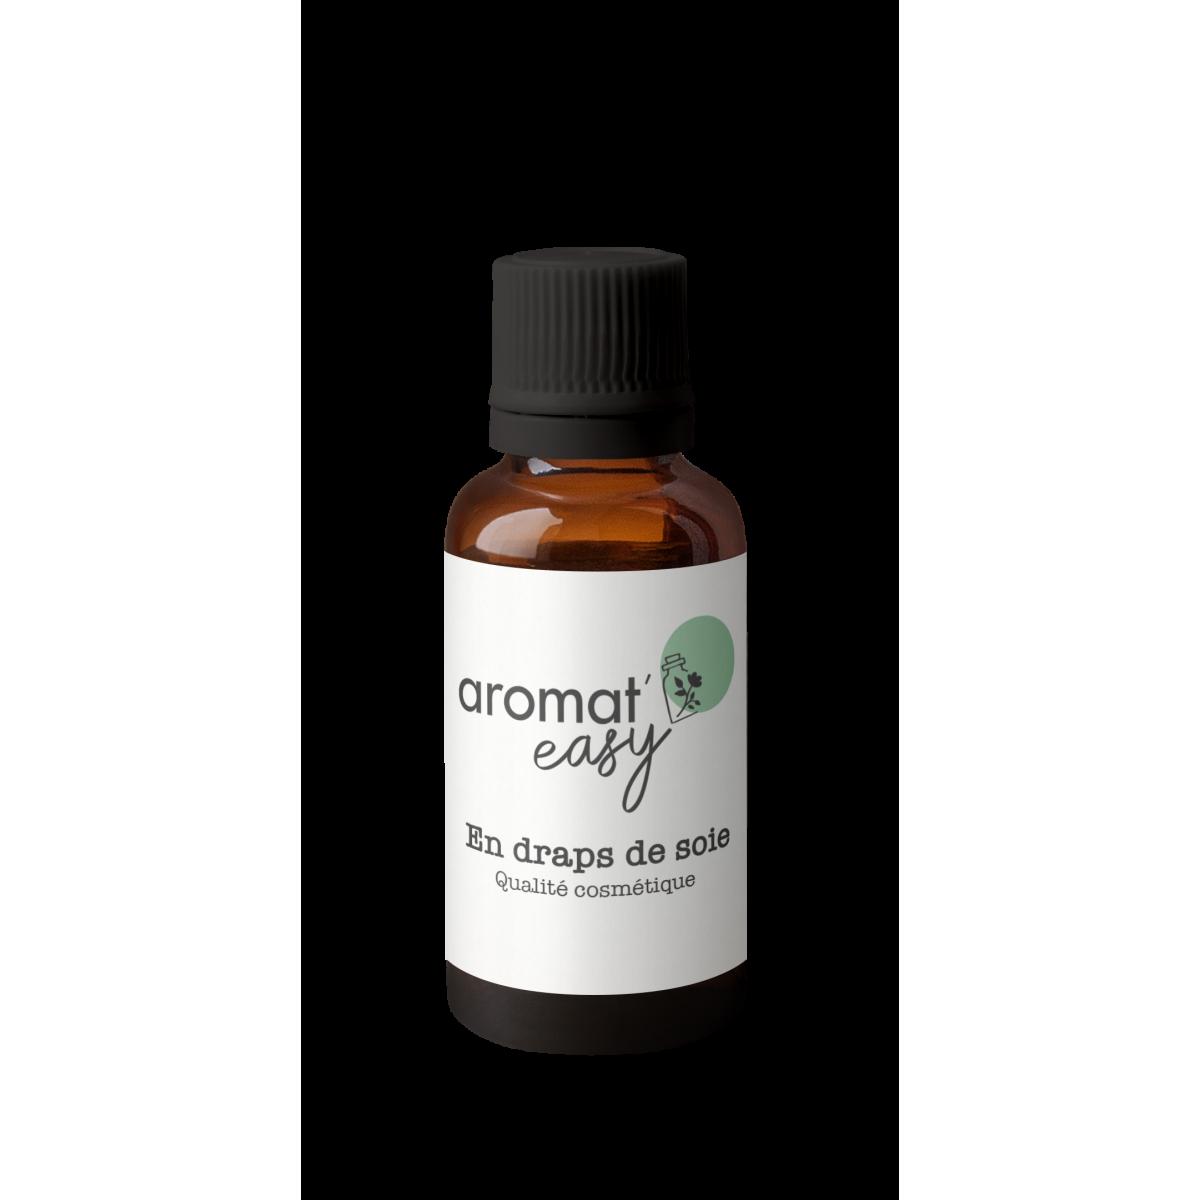 Fragrance En draps de soie